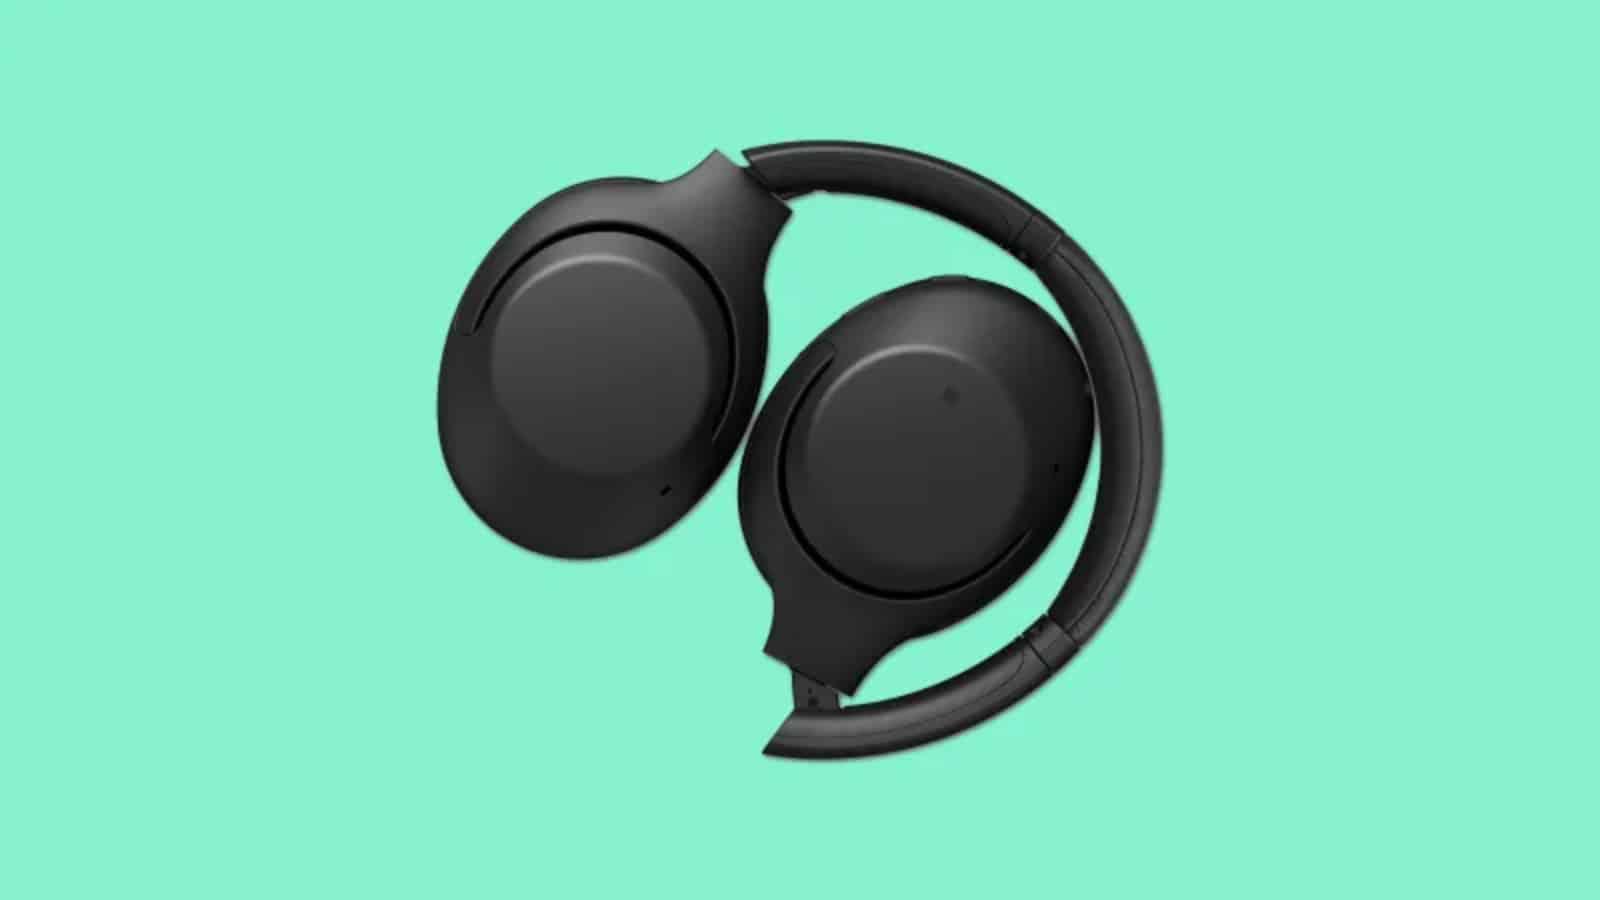 sony xb900n wireless noise-canceling headphones